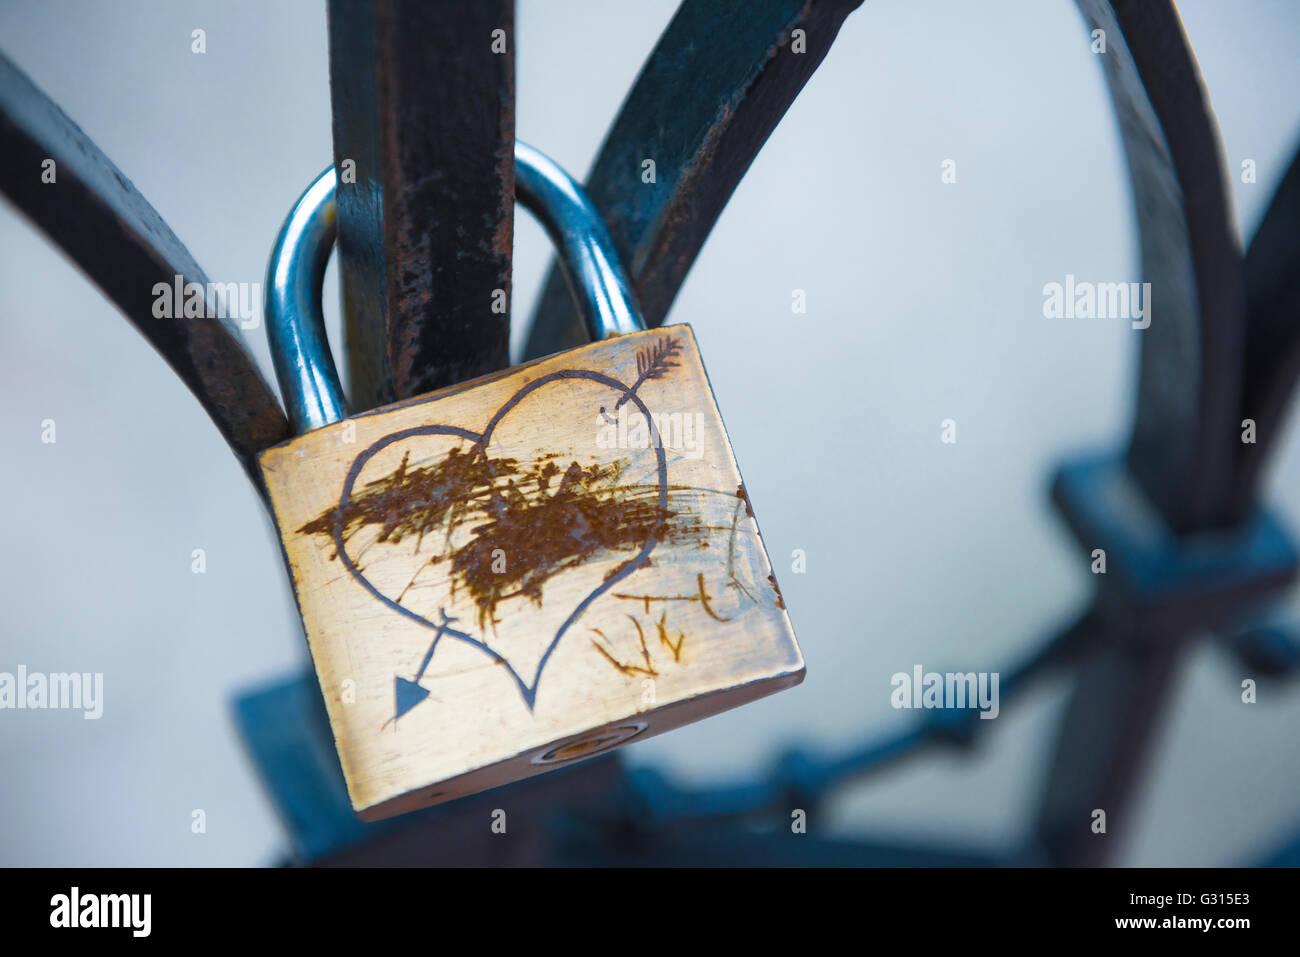 Ruptura de relaciones de amor, un amor 'bloquear' con sus nombres para los amantes de rayado, que implica una separación, Foto de stock